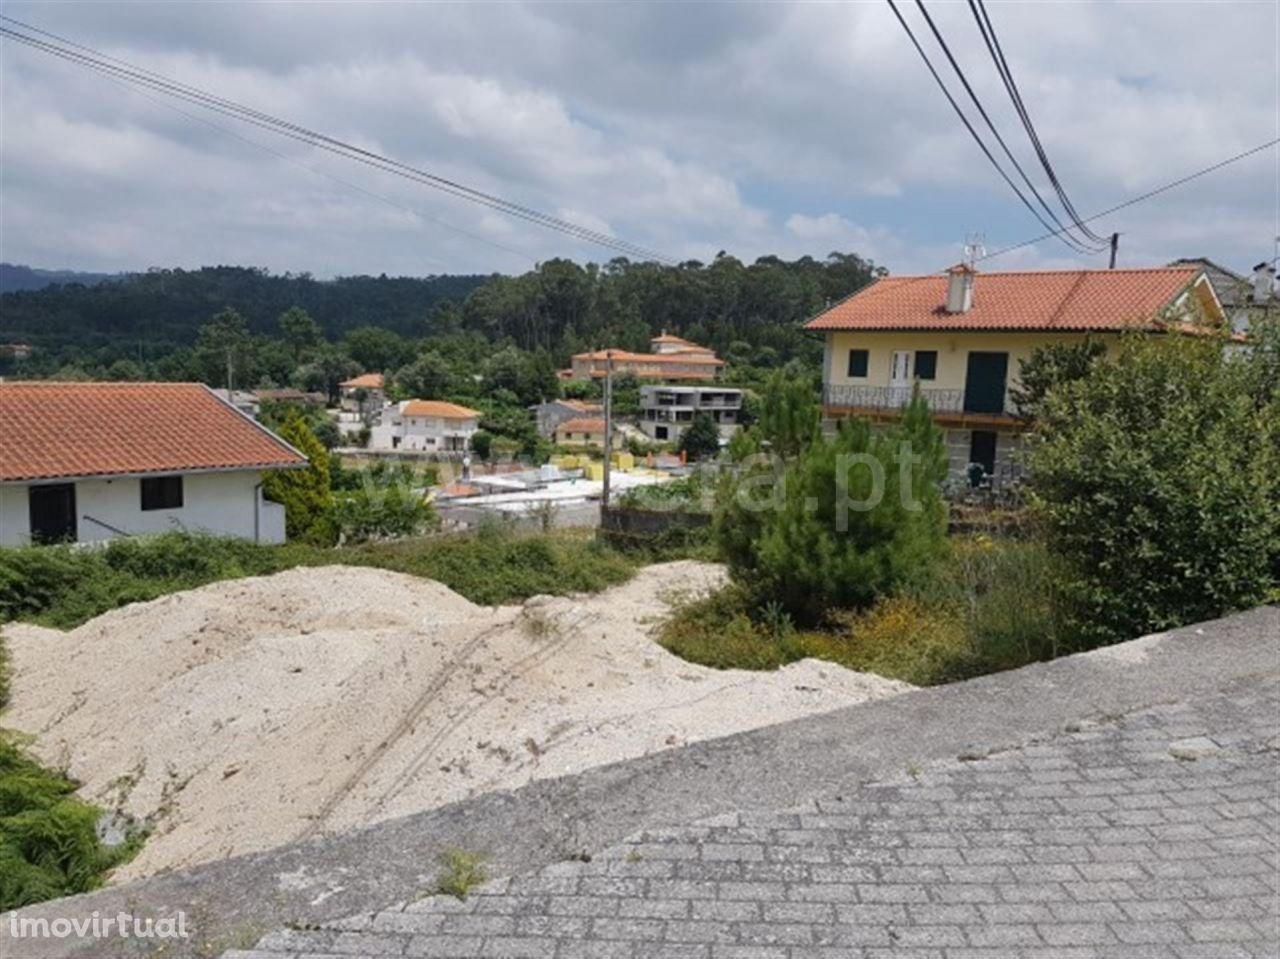 Terreno para construção com 565 m2 em Estorãos